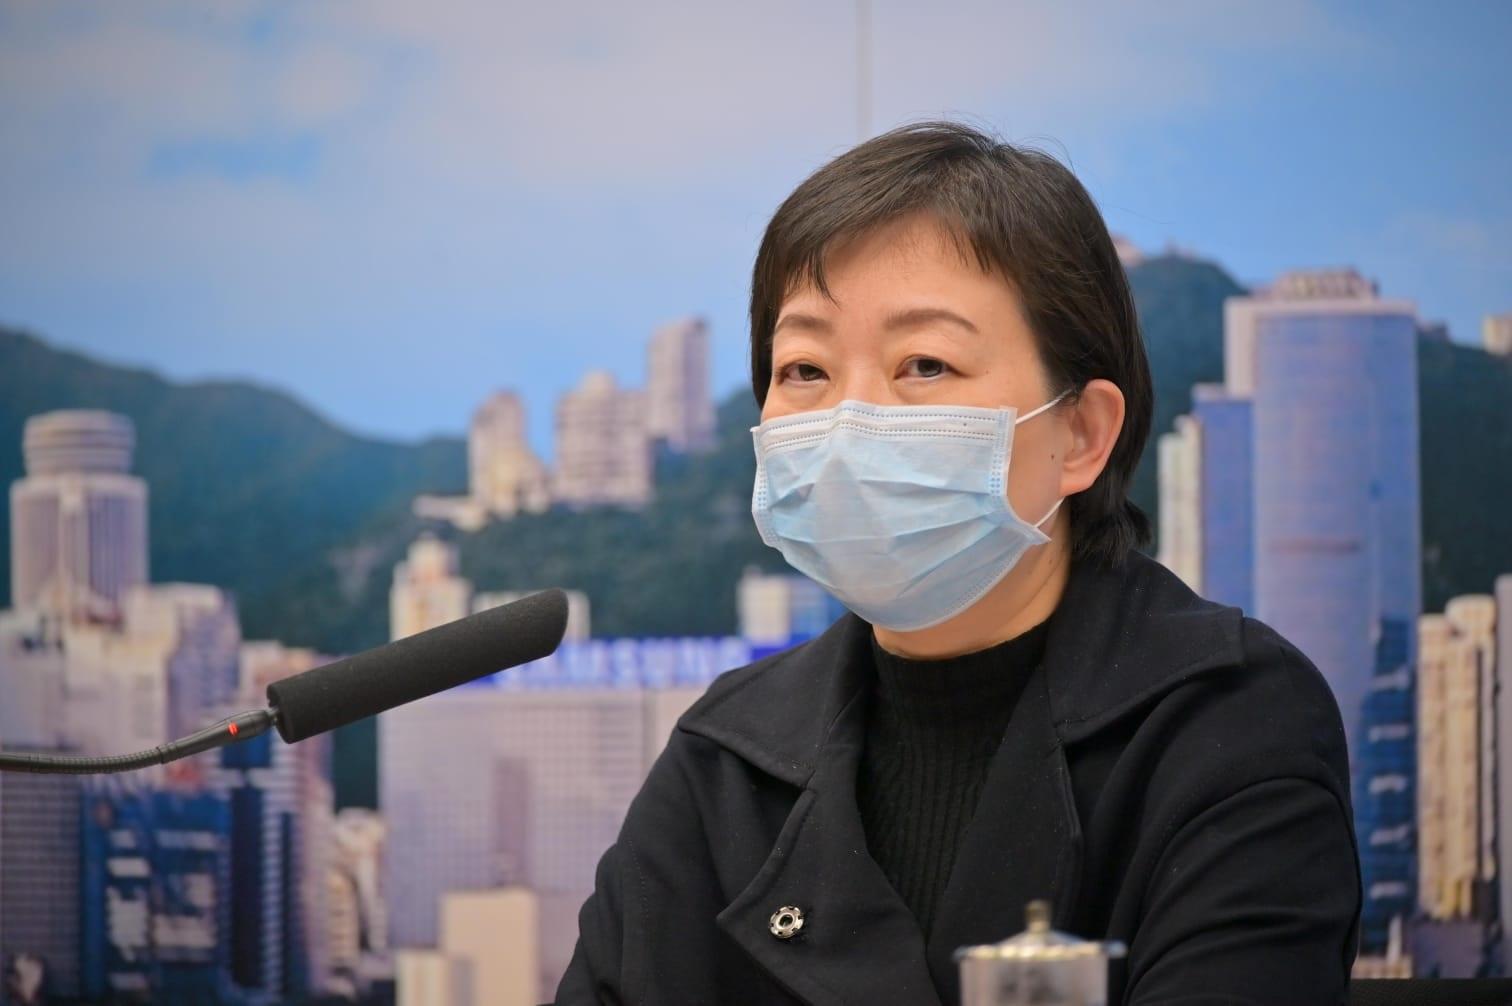 香港新增10例新冠肺炎确诊病例 2例本地病例中1人感染源未明